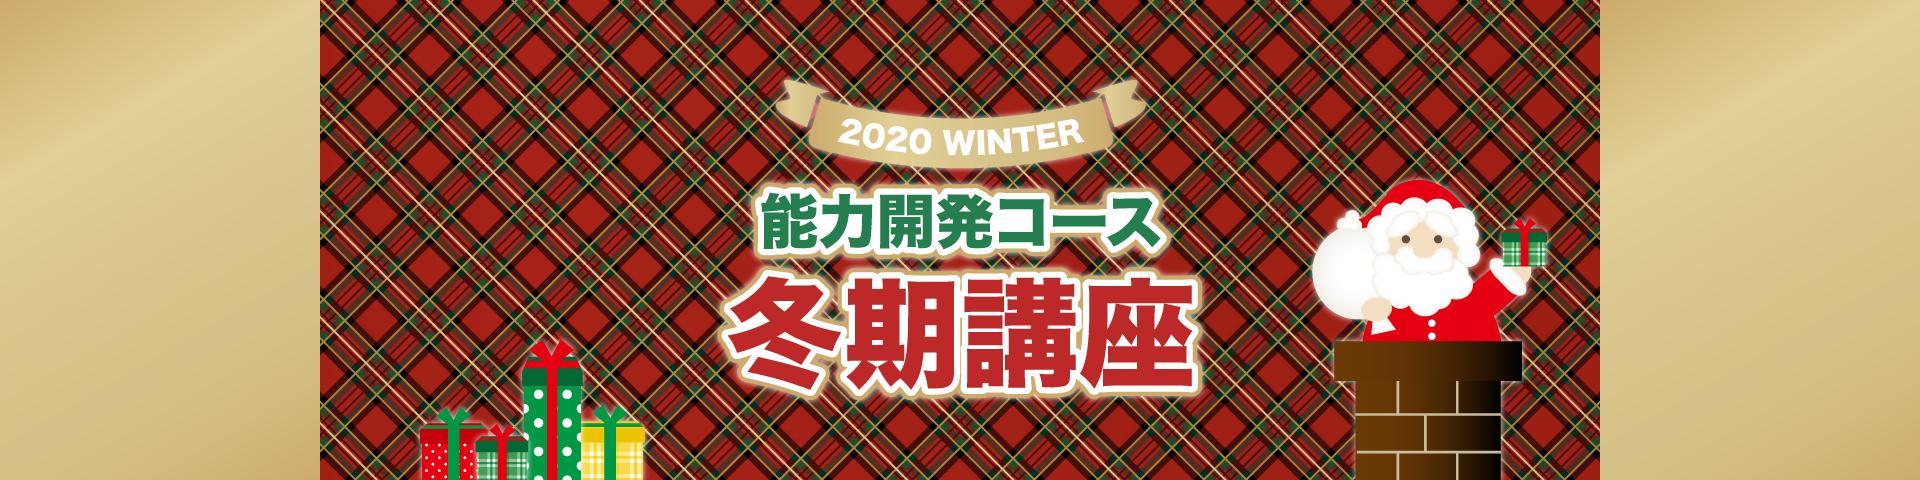 レインボーキッズ 能力開発コース 冬期講座